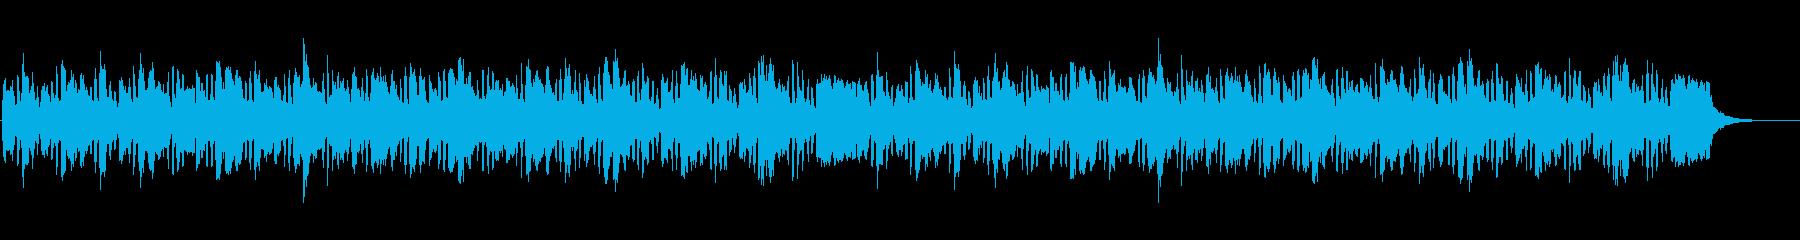 おとぼけの再生済みの波形